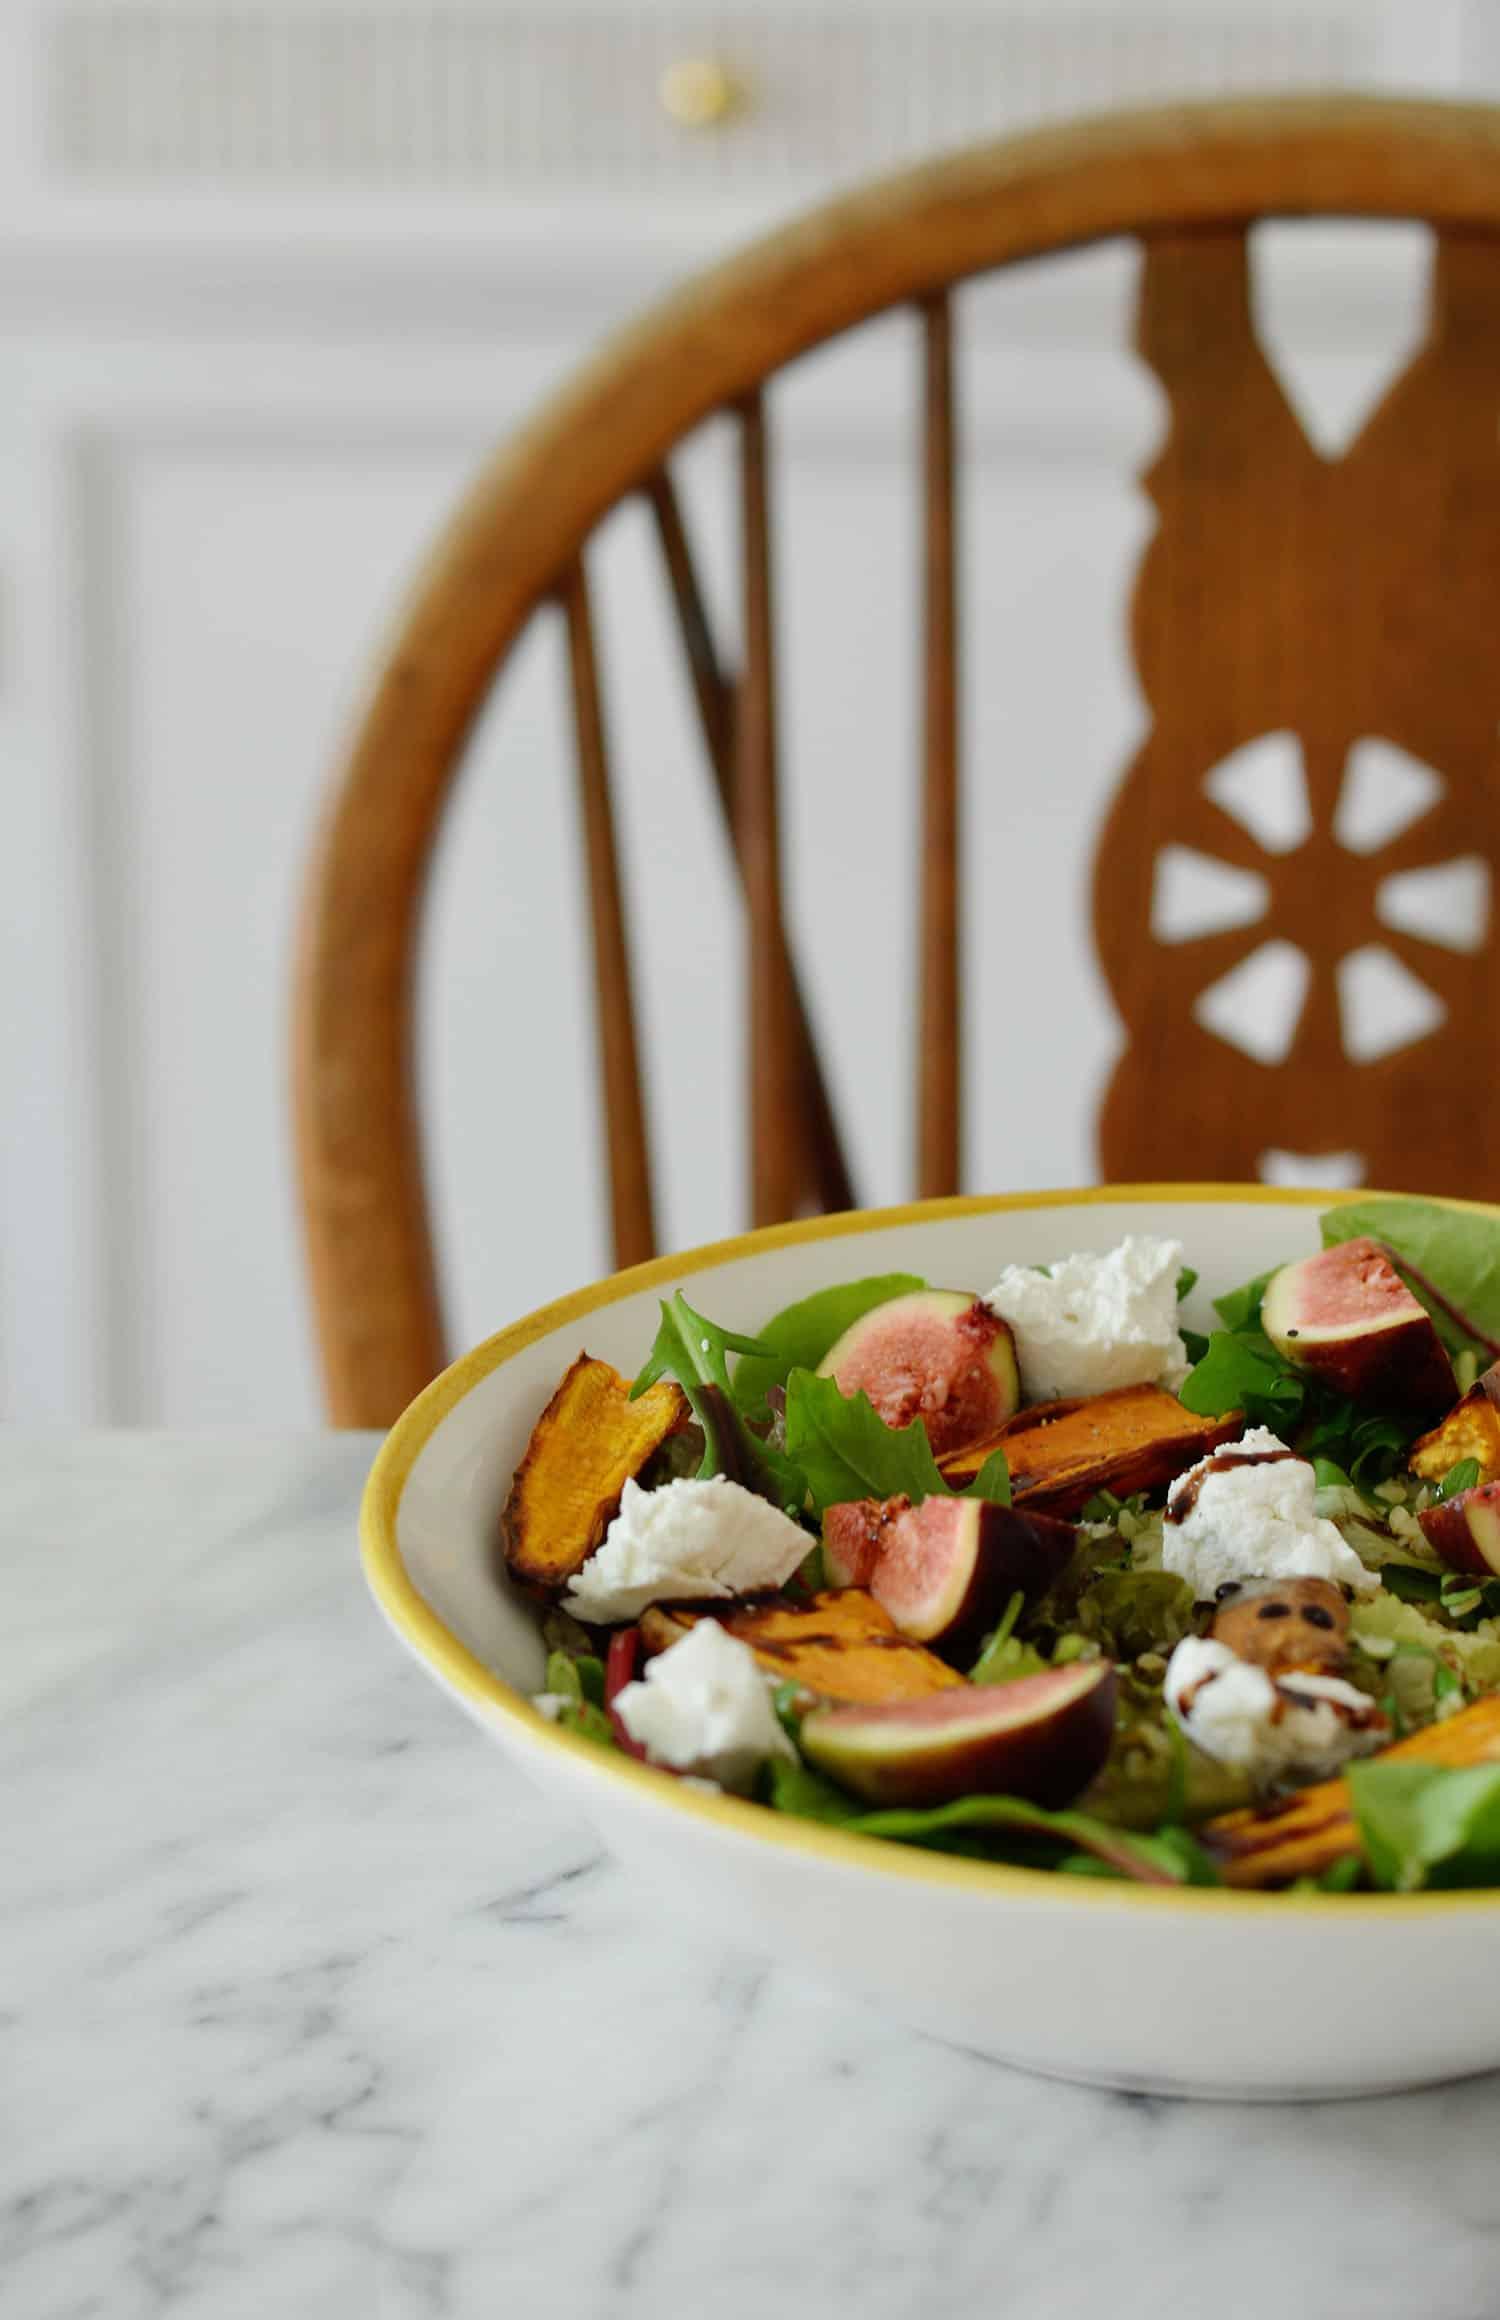 salade met vijgen zoete aardappel en geitenkaas